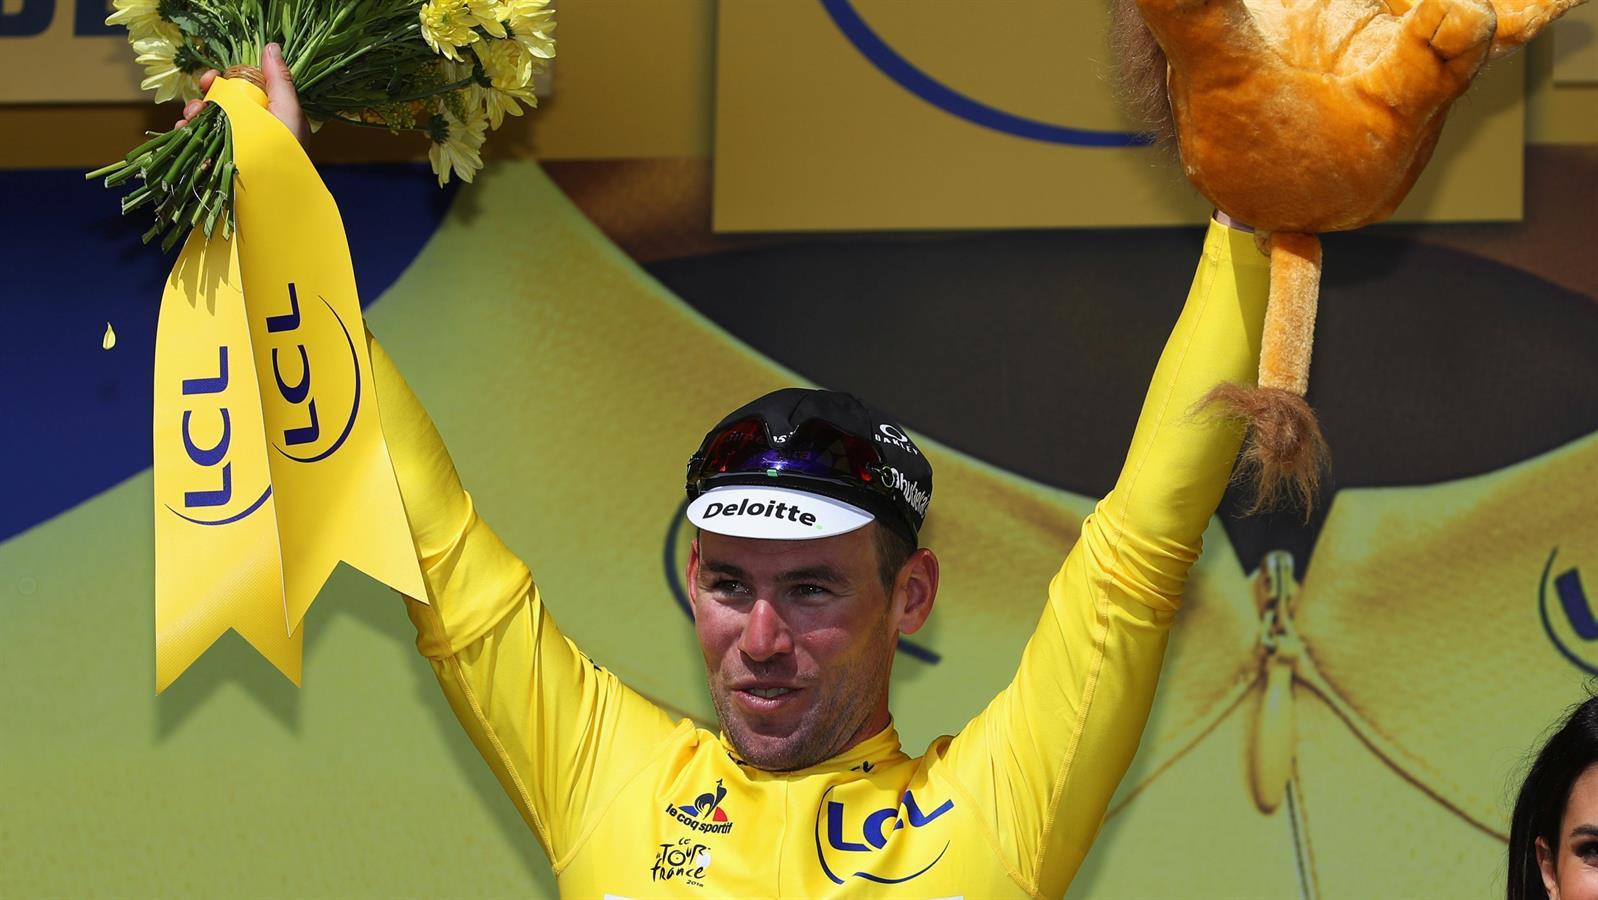 Niente Tour per Cavendish